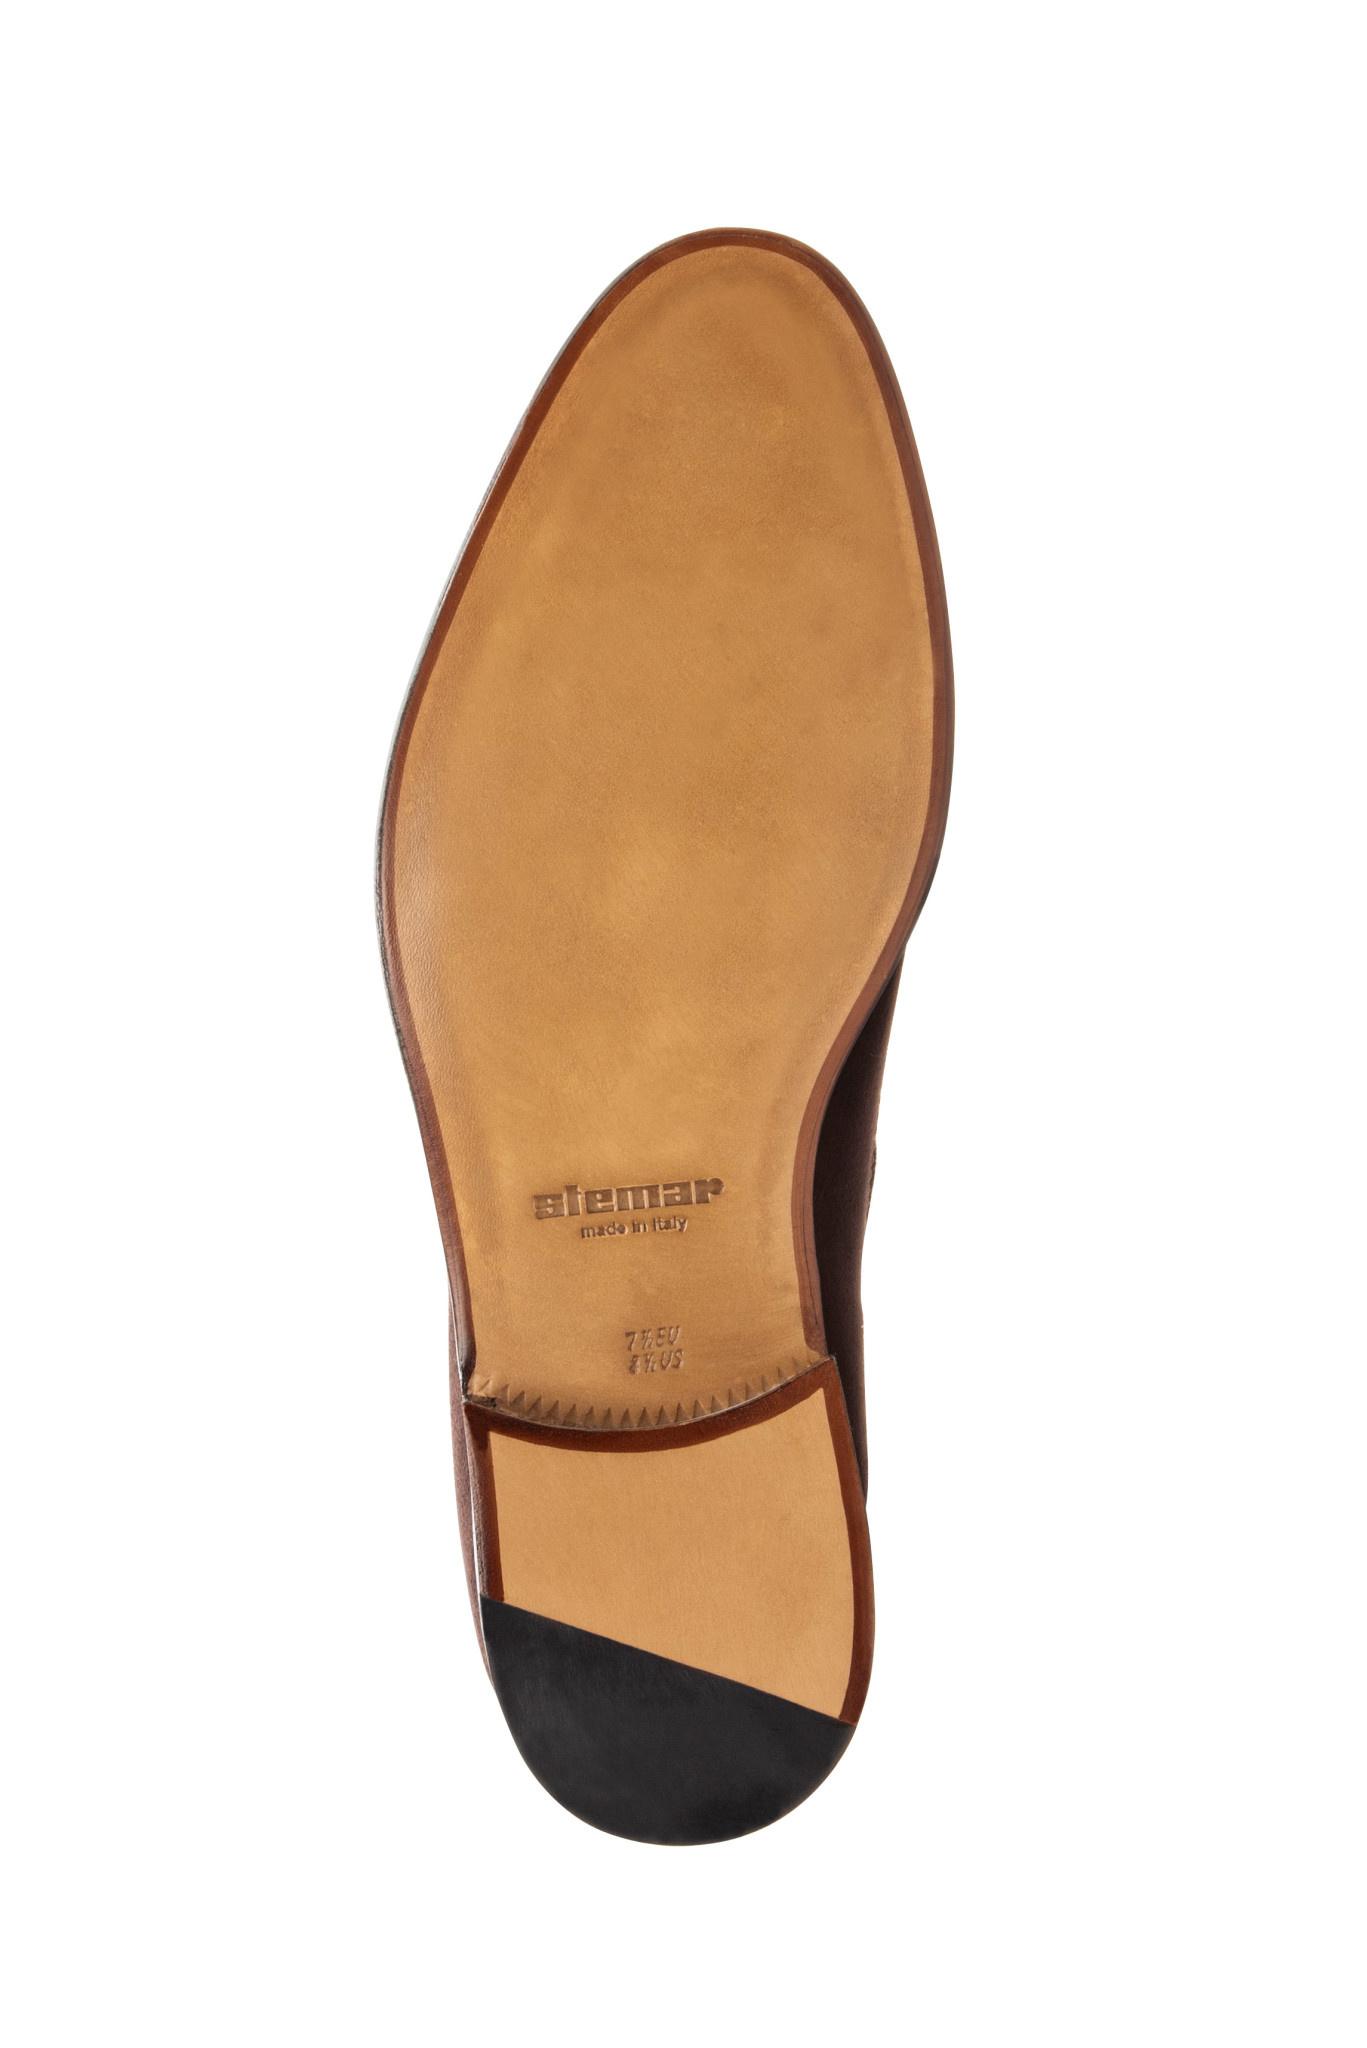 Stemar Venezia - Tassle Suede Loafer